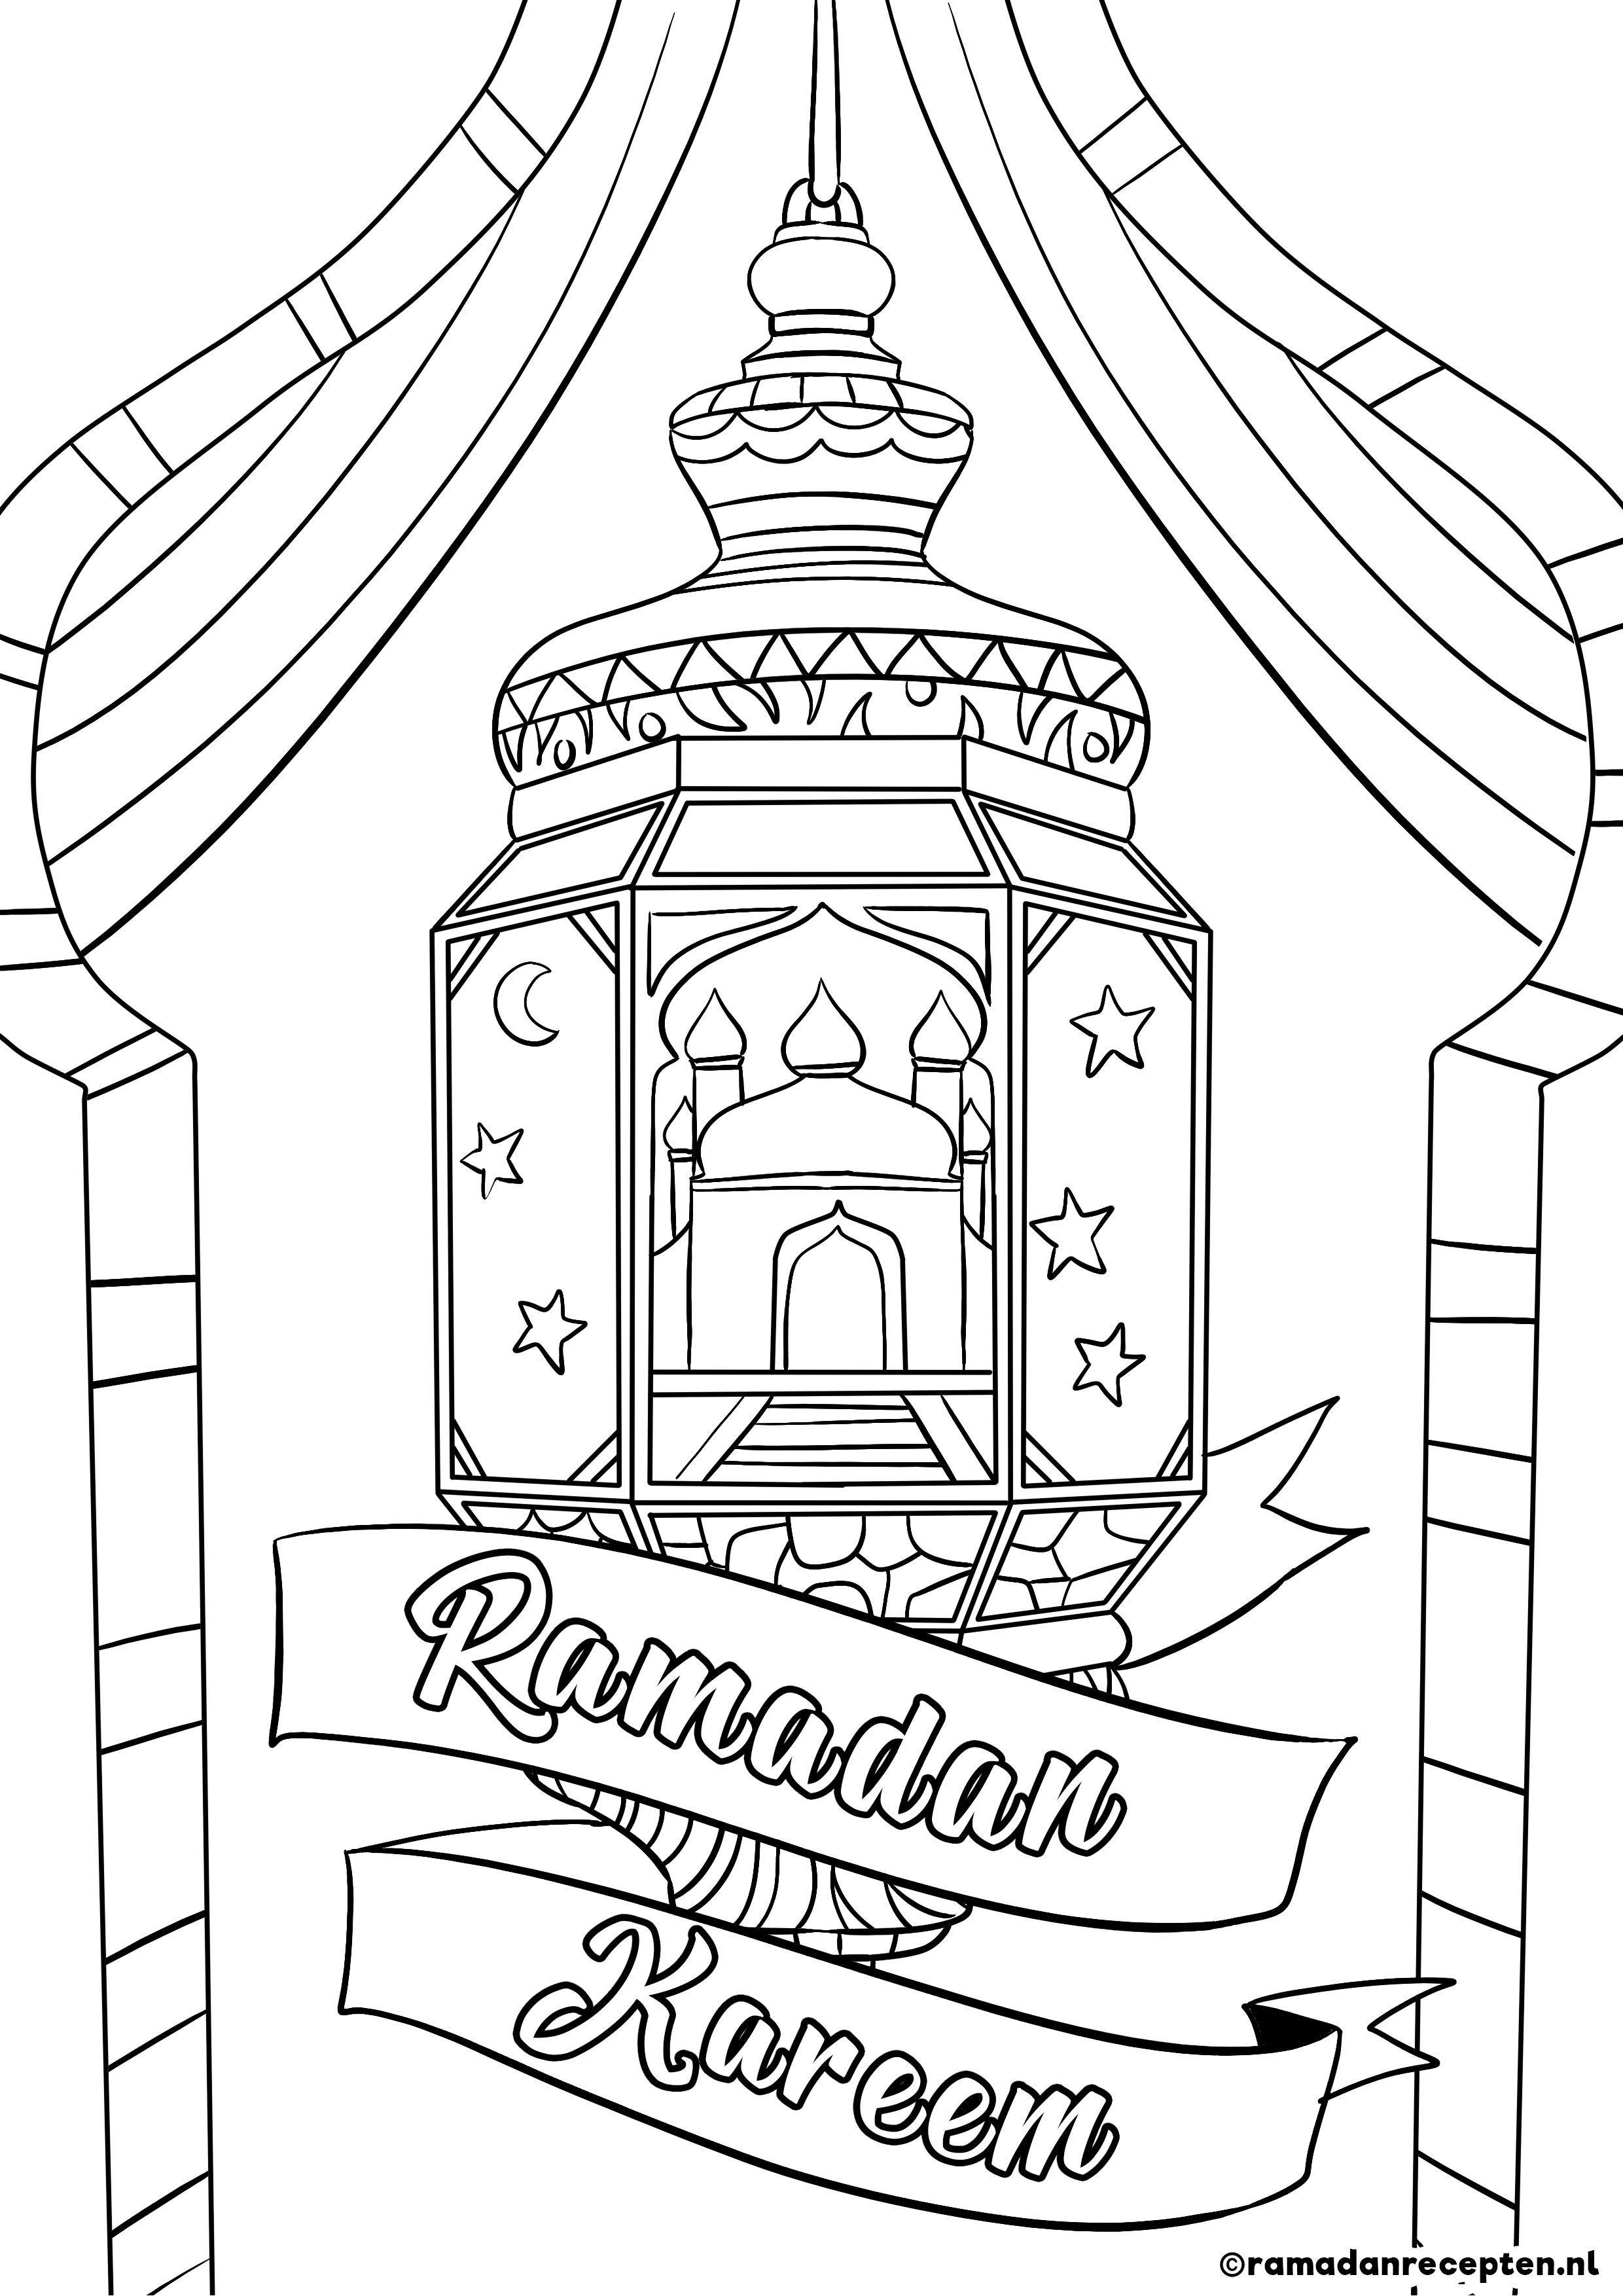 Free Printable 6 Ramadan Coloring Sheets For Kids 6 Ramadan Kleurplaten Voor Kinderen Ramadanrecepten Ramadan Kids Ramadan Activities Ramadan Printables